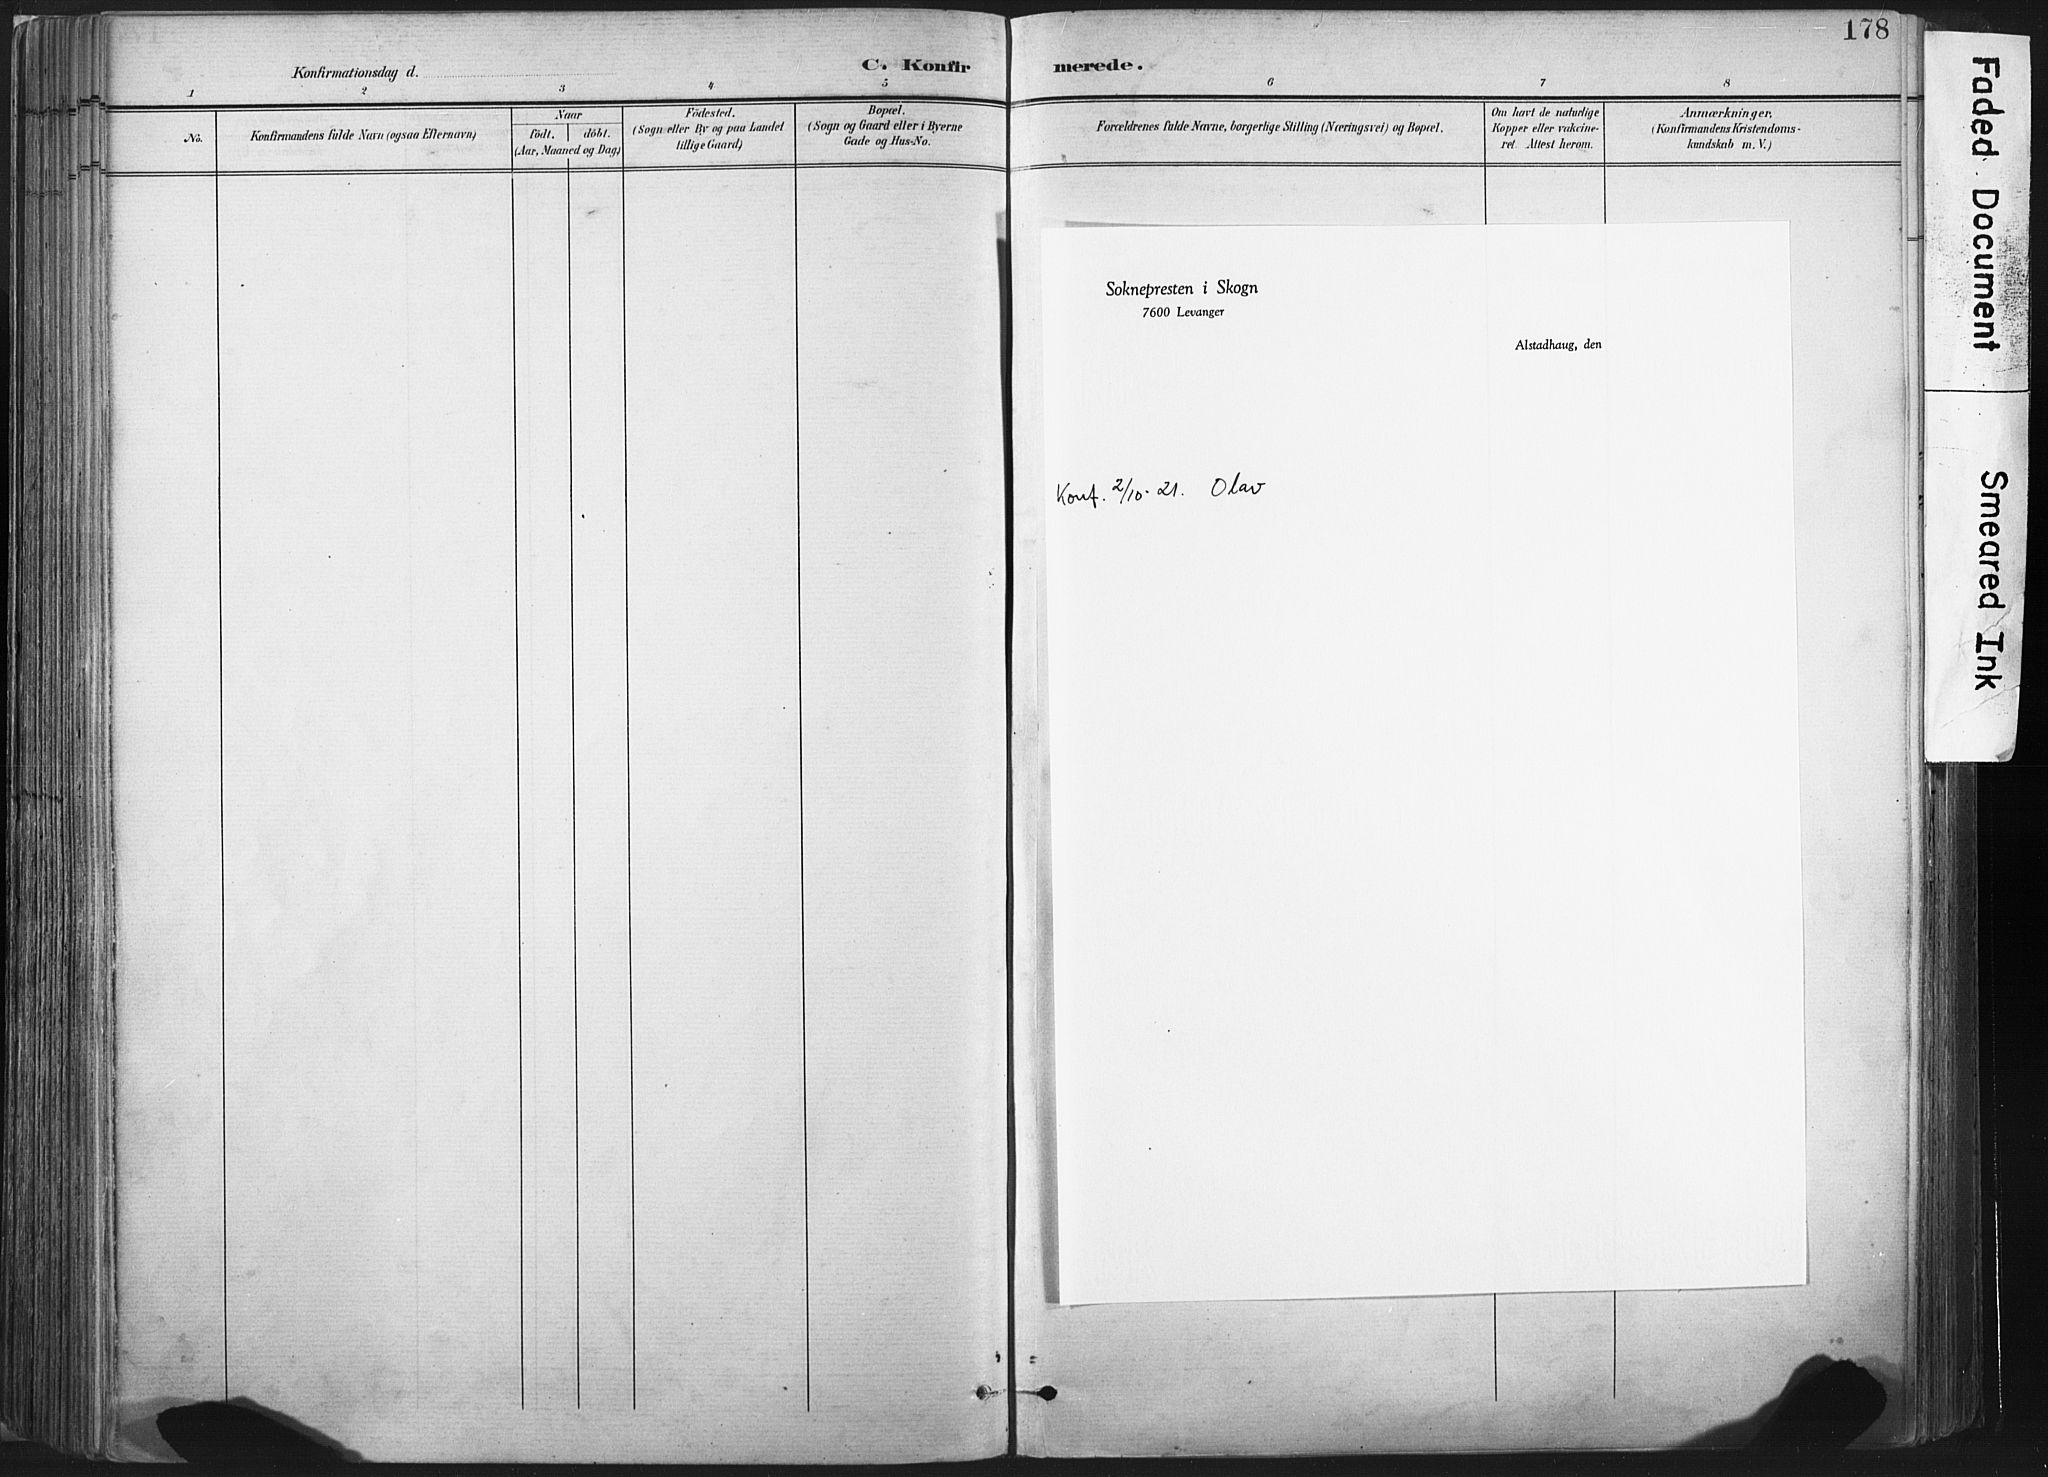 SAT, Ministerialprotokoller, klokkerbøker og fødselsregistre - Nord-Trøndelag, 717/L0162: Ministerialbok nr. 717A12, 1898-1923, s. 178